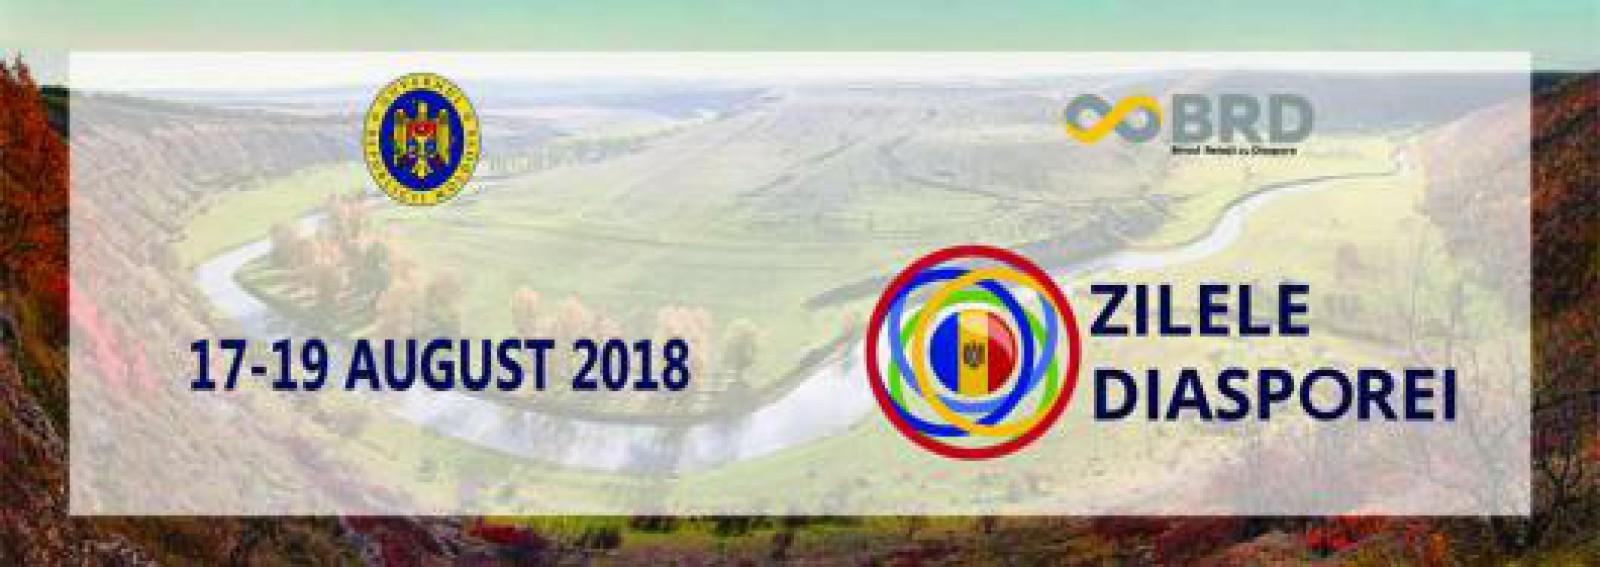 (doc) Zilele Diasporei 2018: Moldovenii aflați peste hotare sunt îndemnați să se expună asupra agendei evenimentului